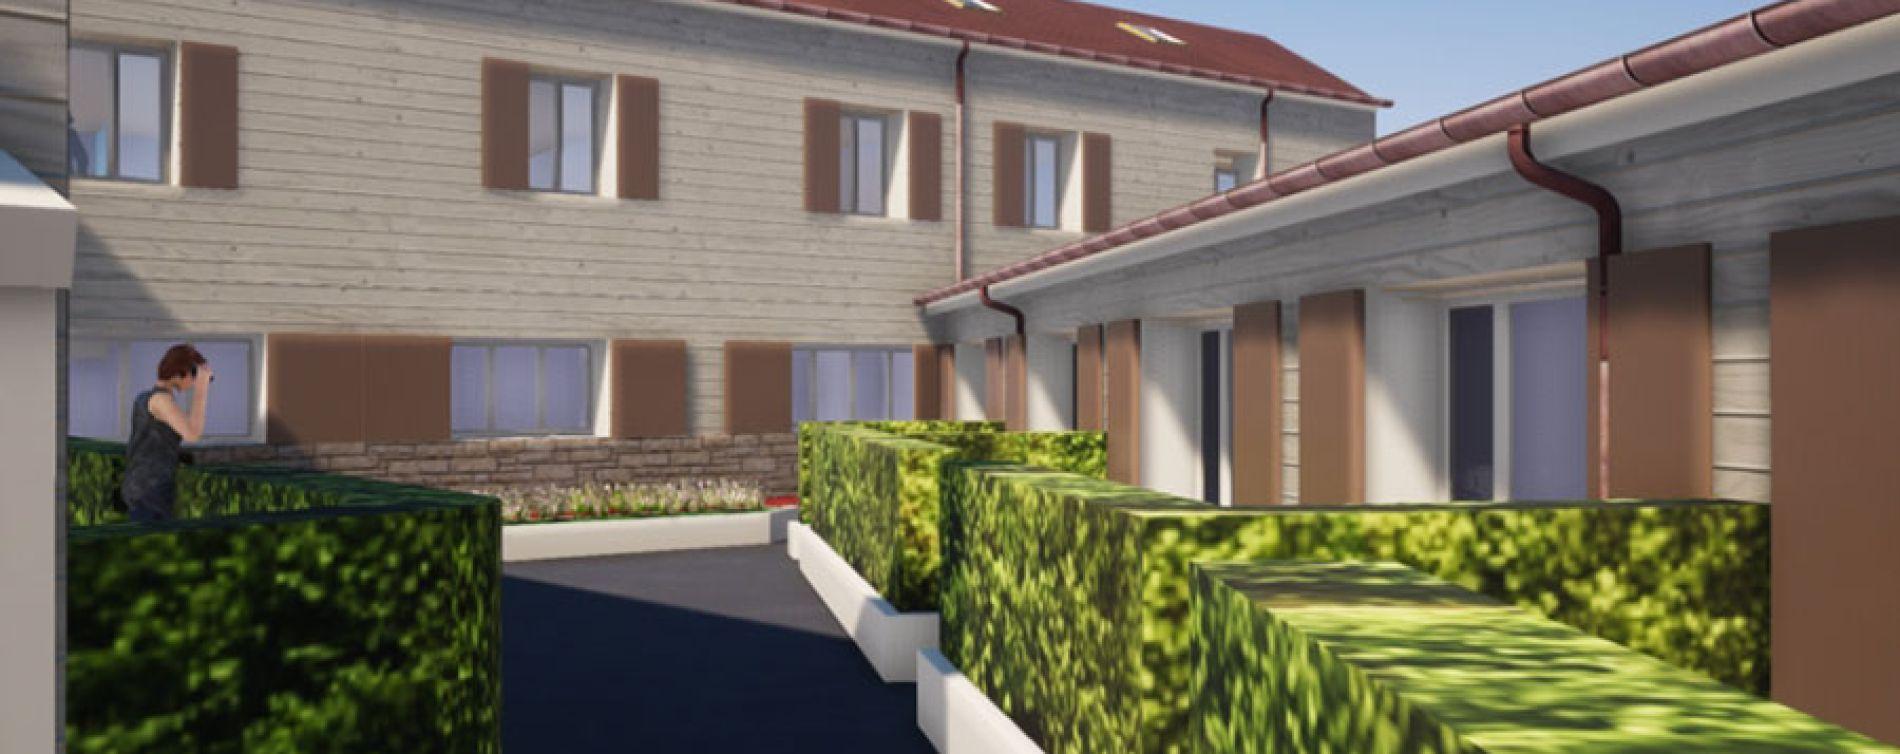 Résidence Bâtiment C - 12 Rue de Gournay à Chelles